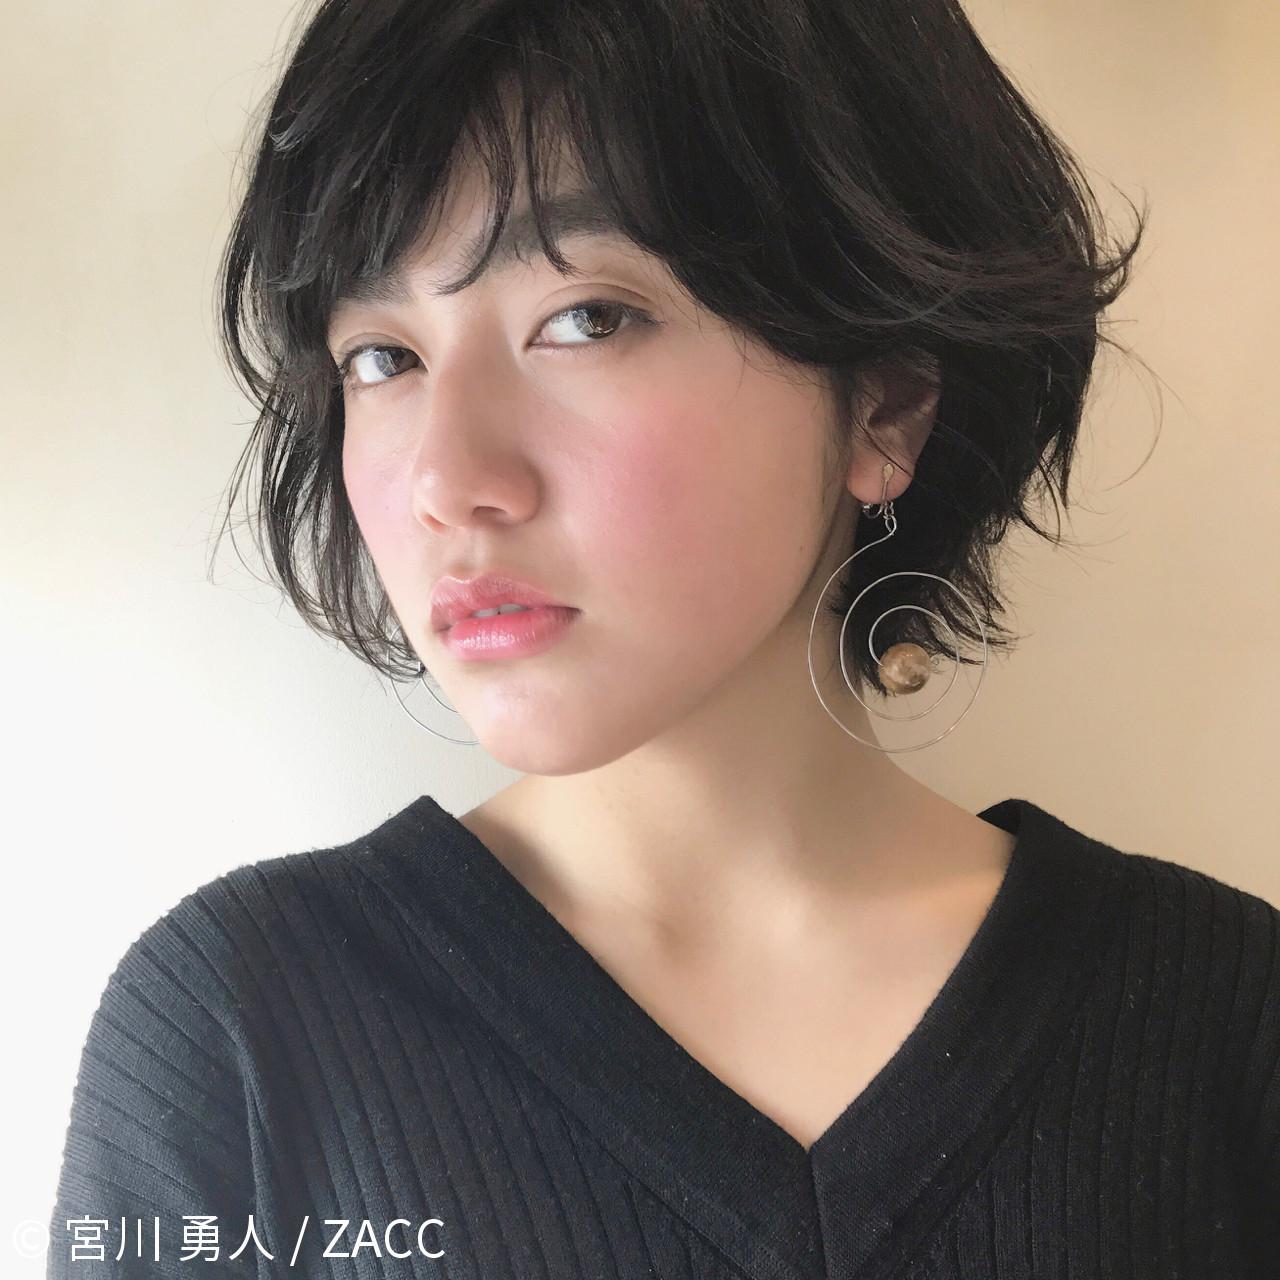 フリンジバング ショート 前髪あり パーマ ヘアスタイルや髪型の写真・画像